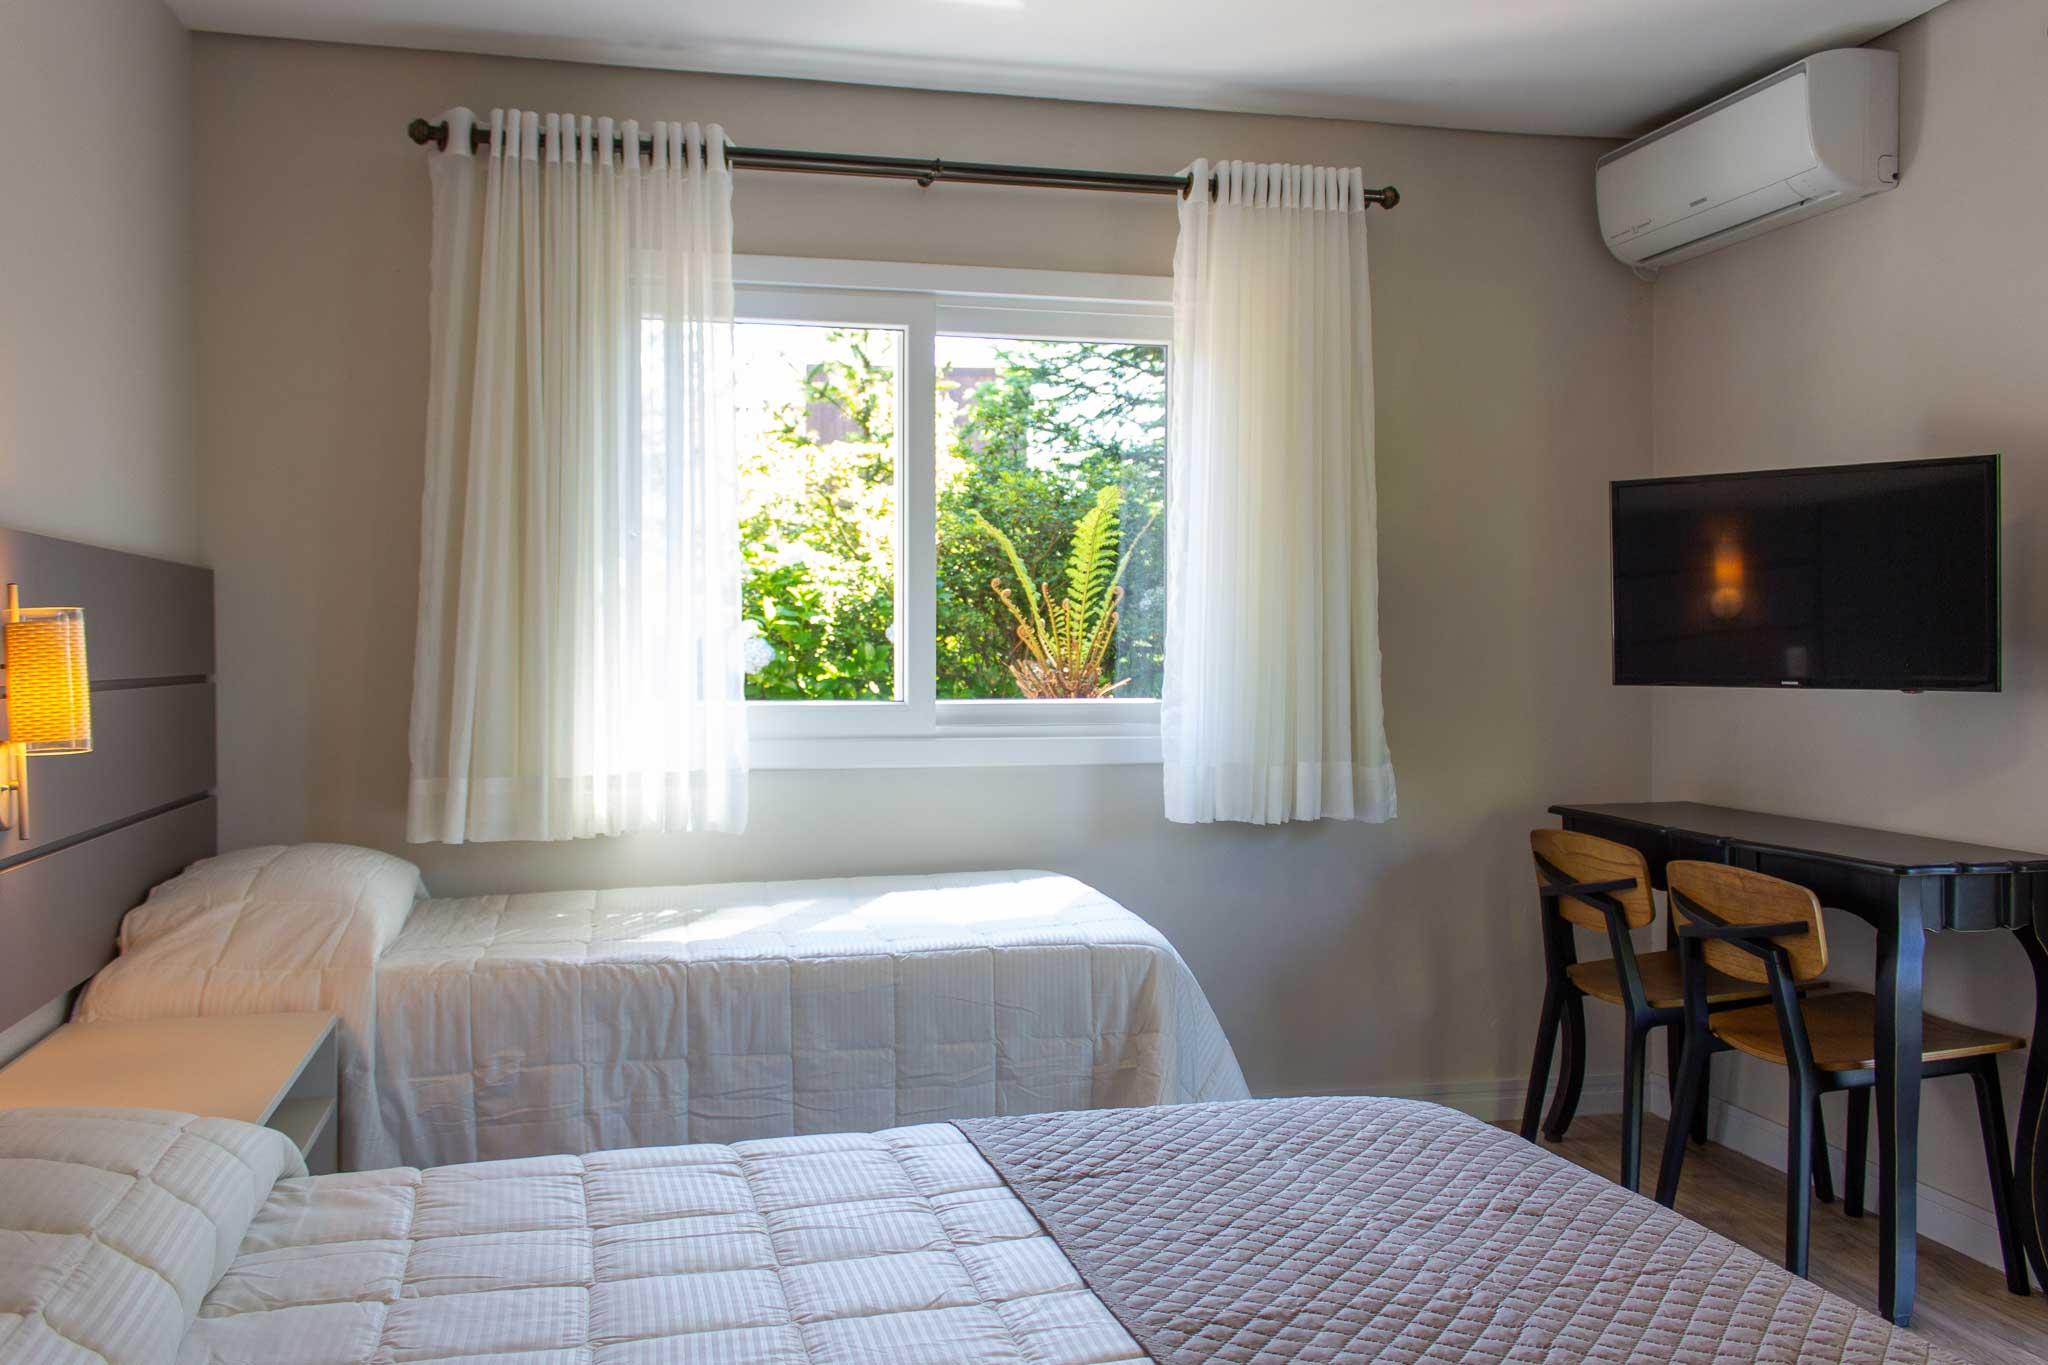 Apto-Triplo-com-Deck---Hotel-Canto-Verde